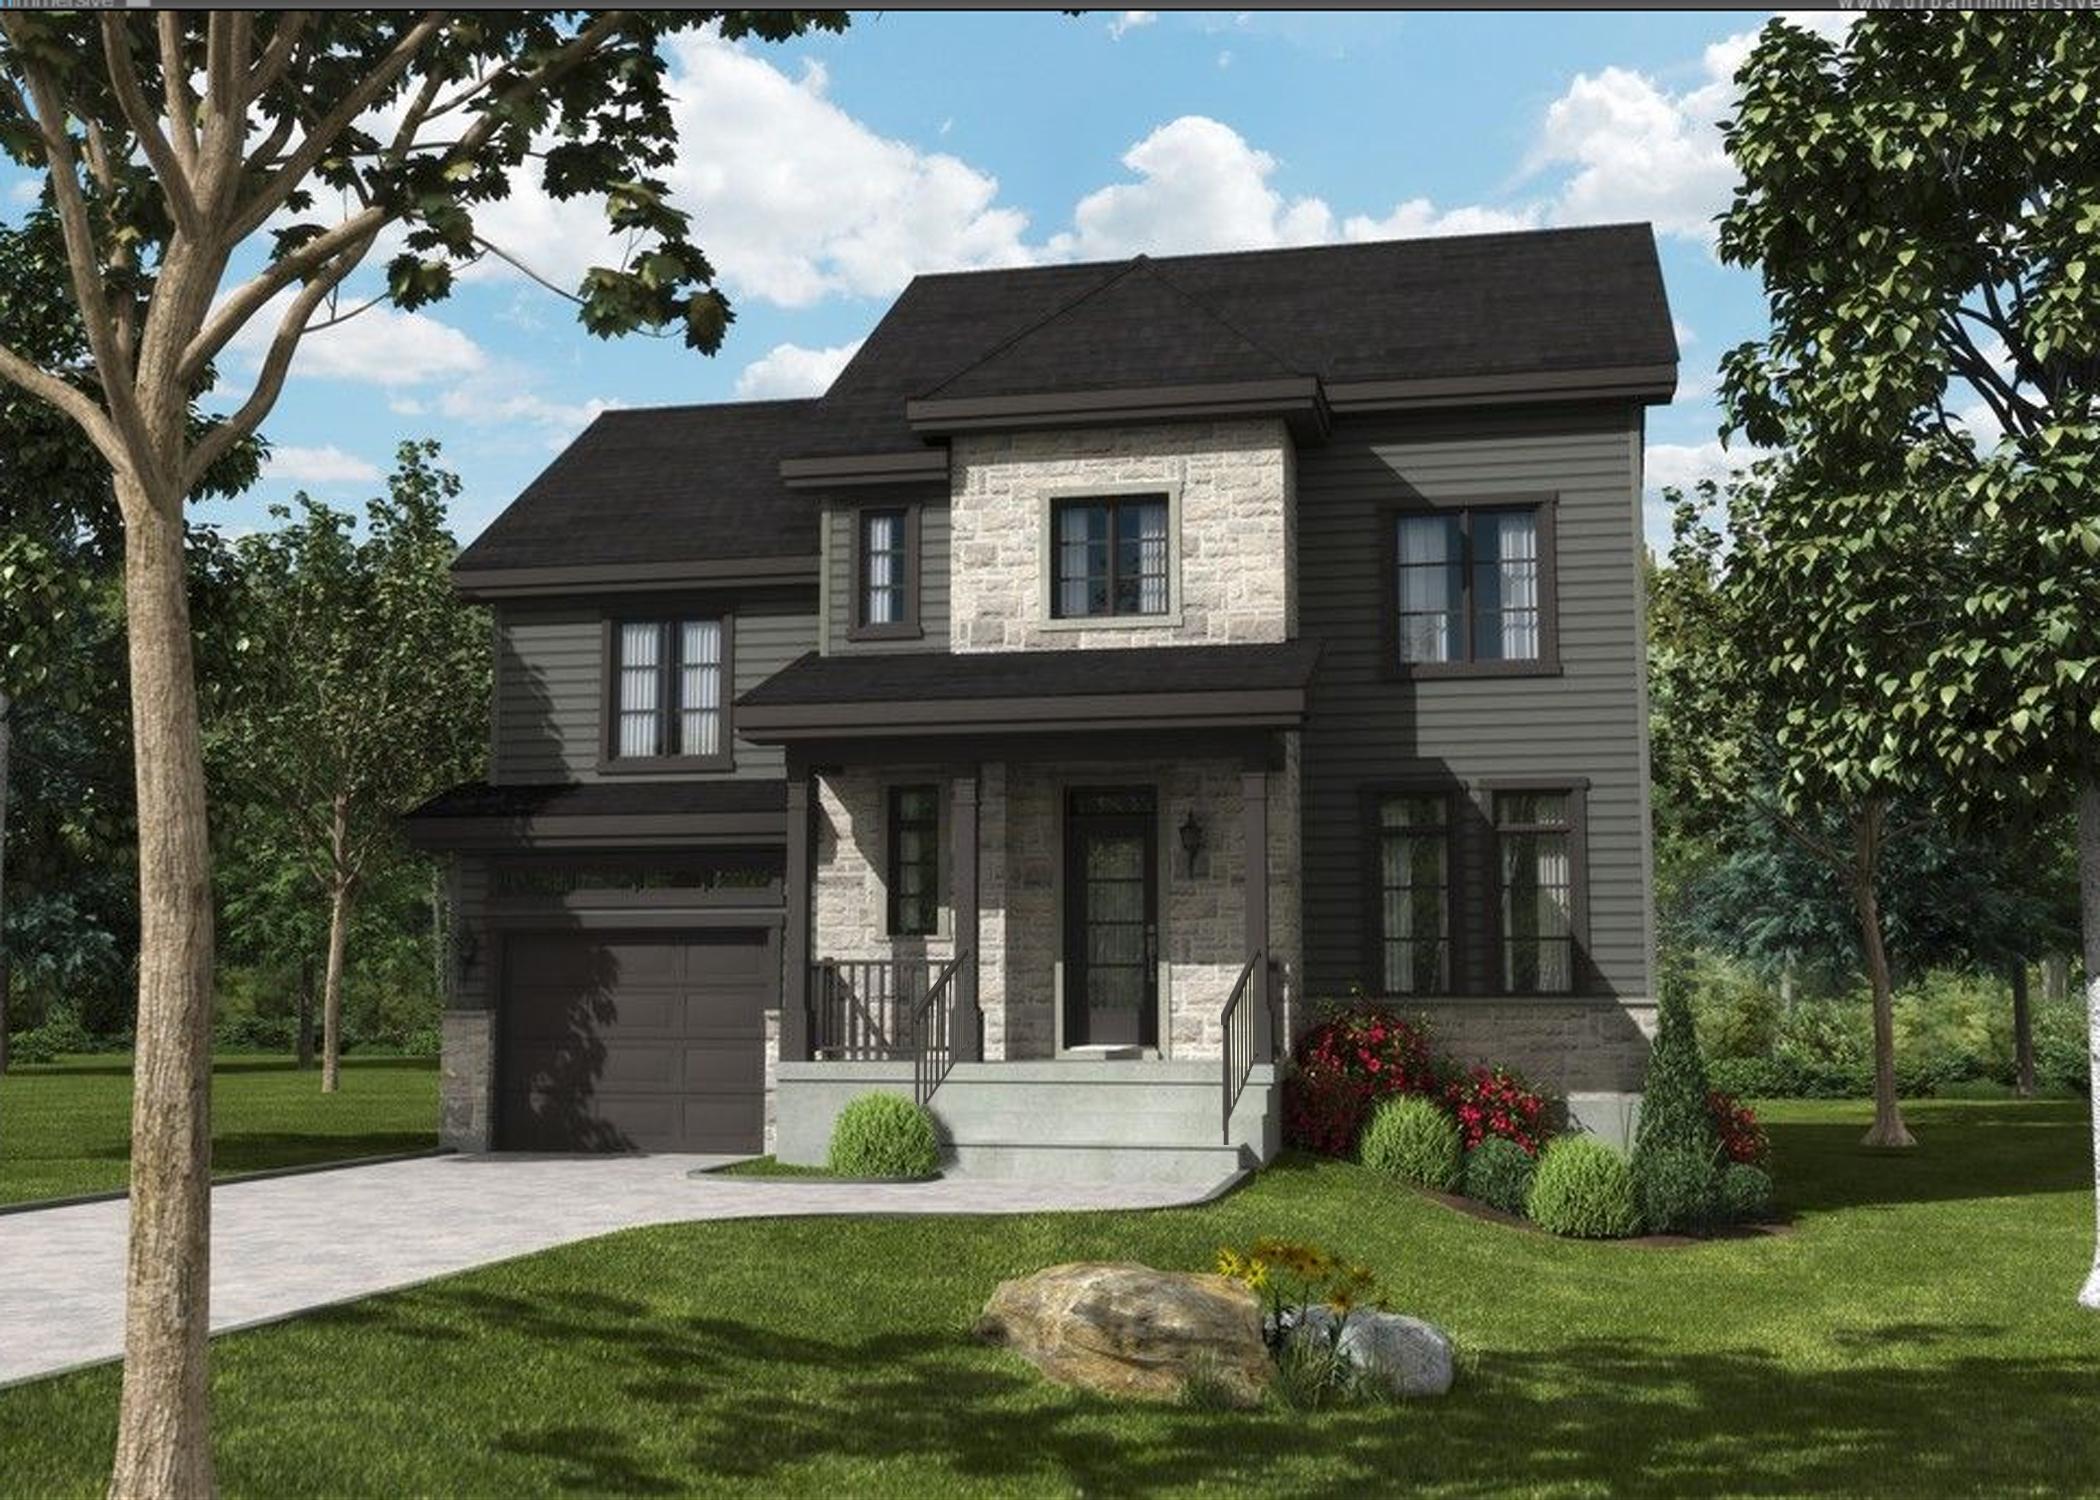 Maisons domaine du parc construction voyer terrebonne for Modele maison intergeneration